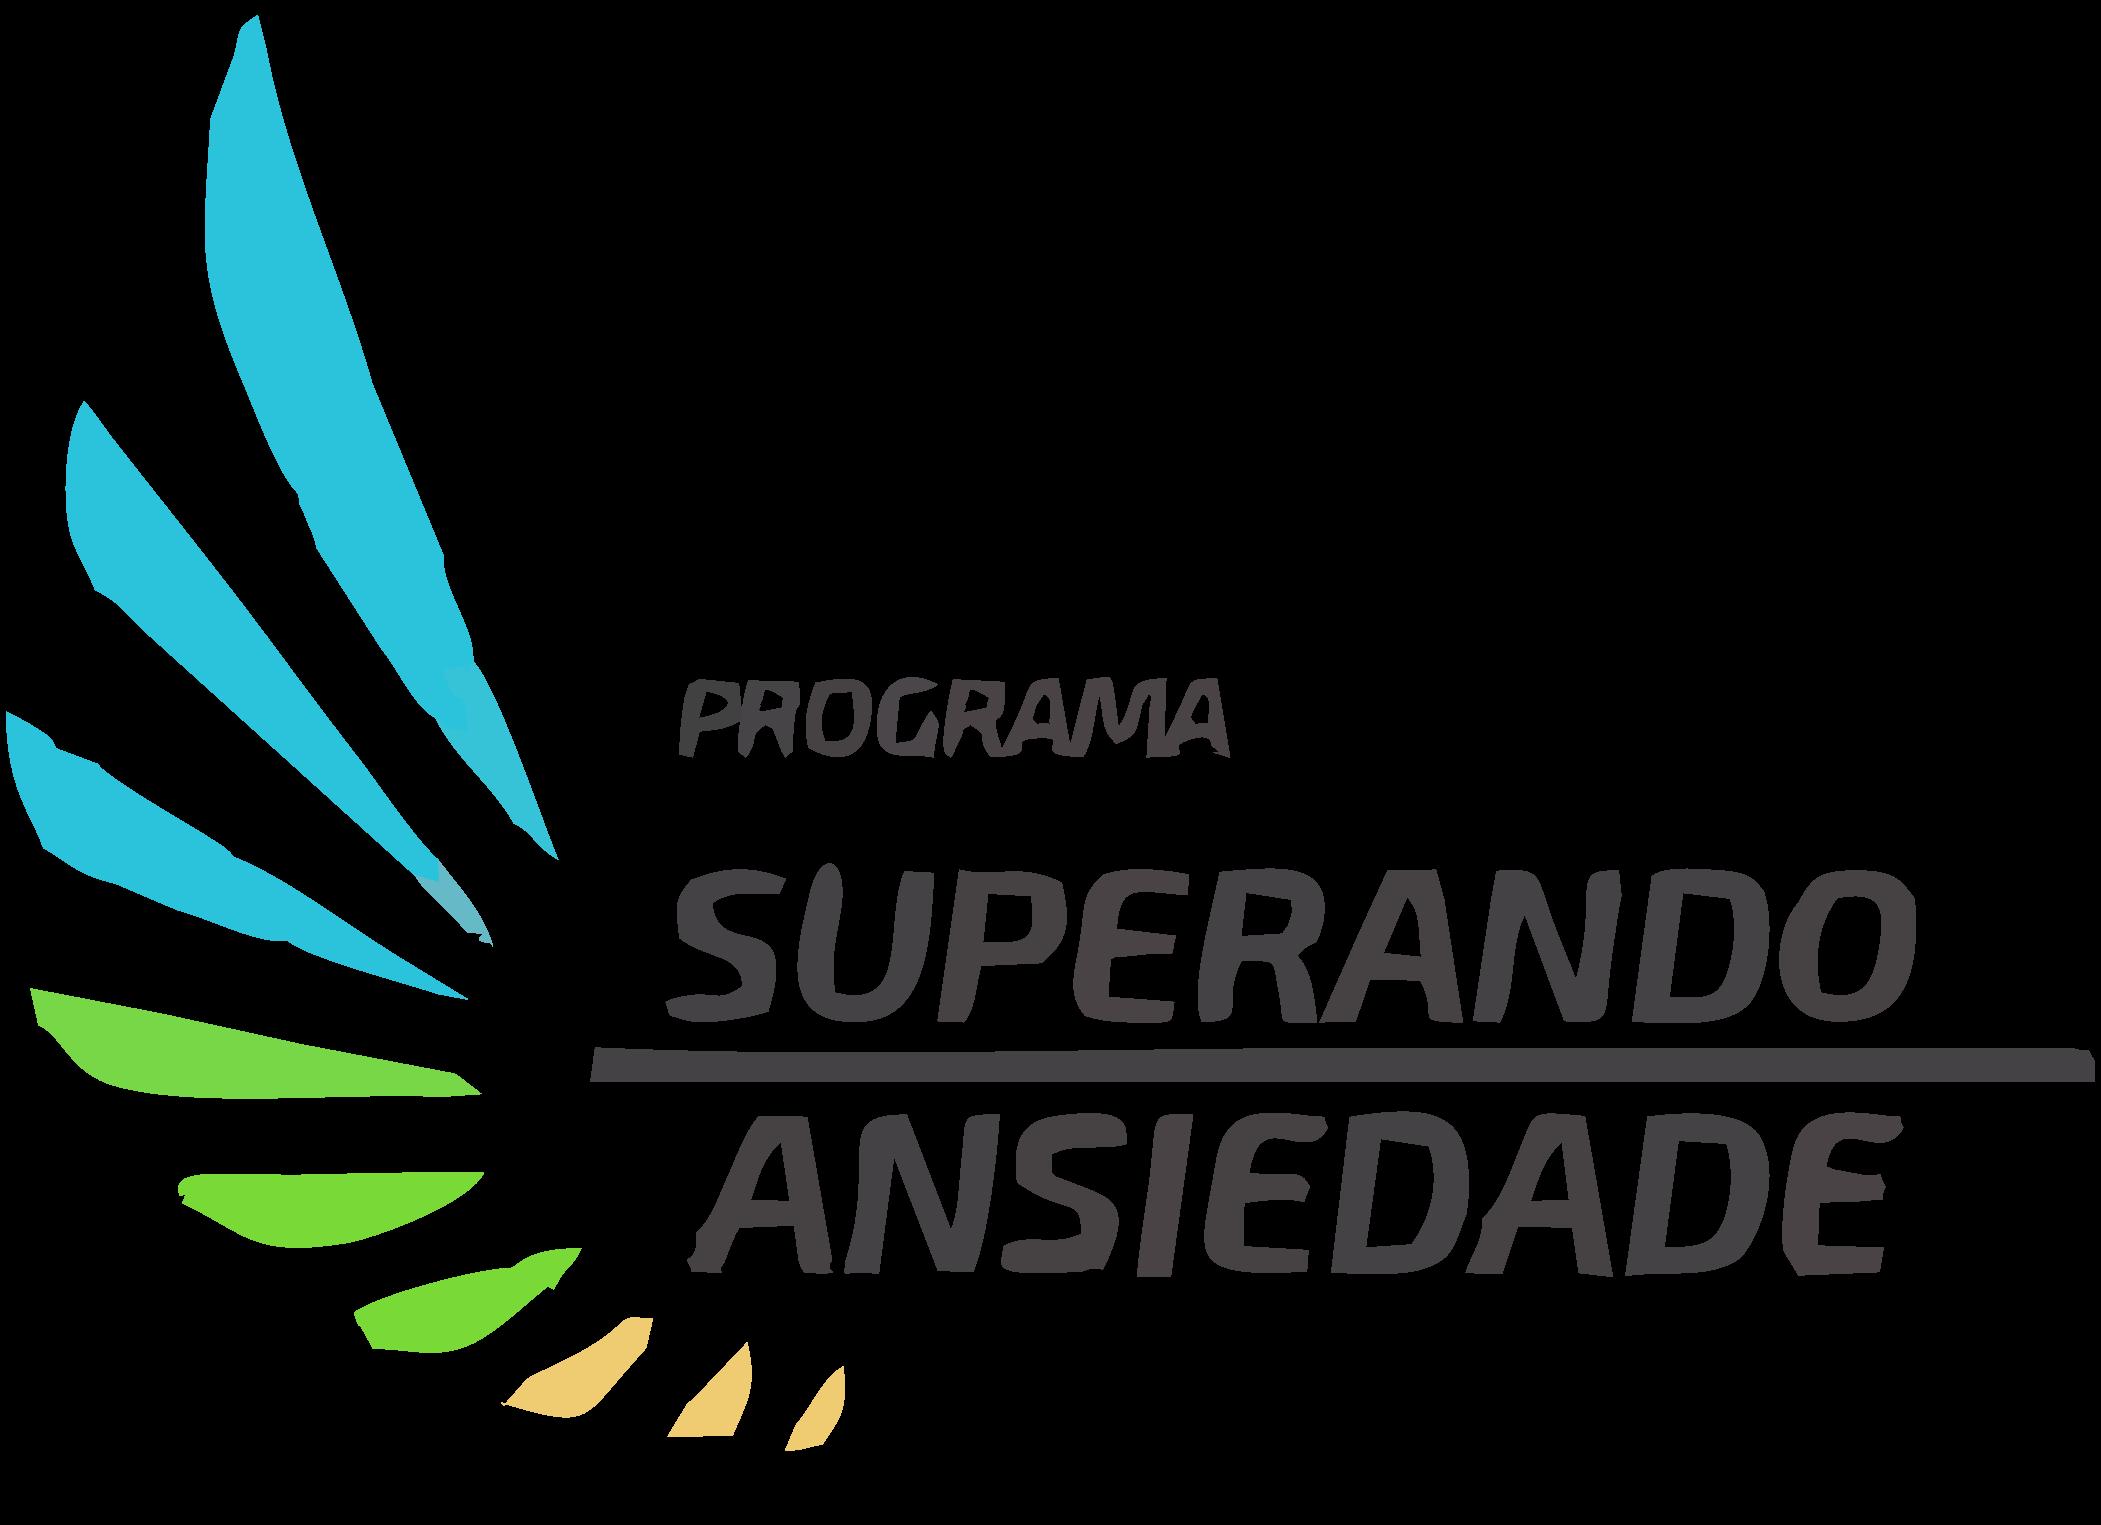 SUPERANDO ANSIEDADE